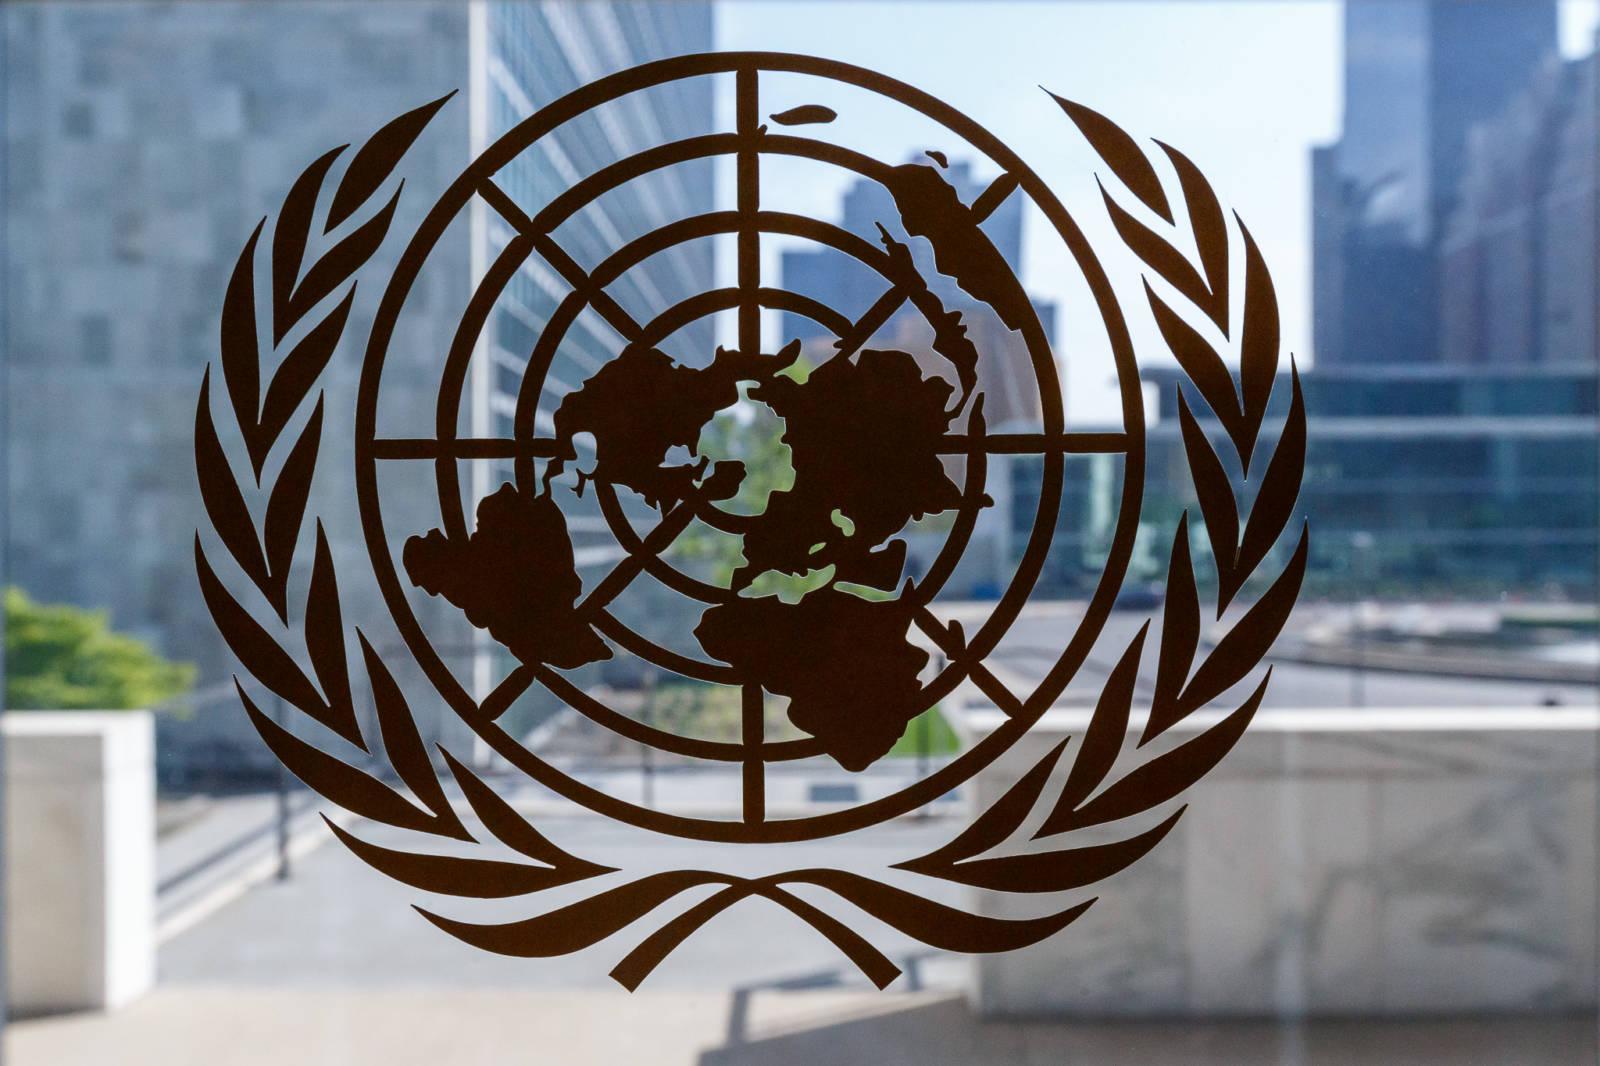 Niemcy zwiększają liczebność swoich wojsk i dyskutują o pakiecie migracyjnym ONZ